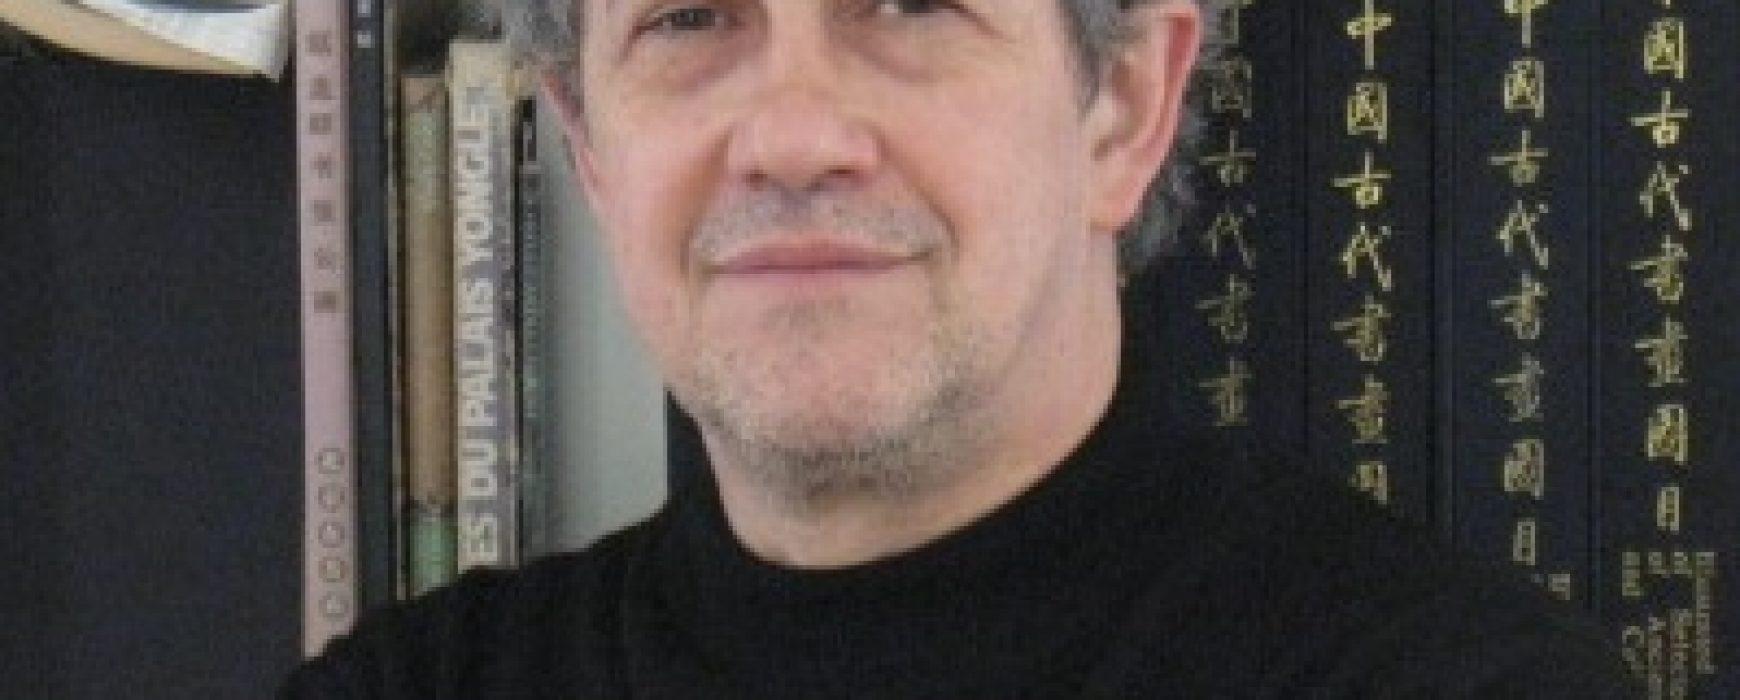 Arrault, Alain